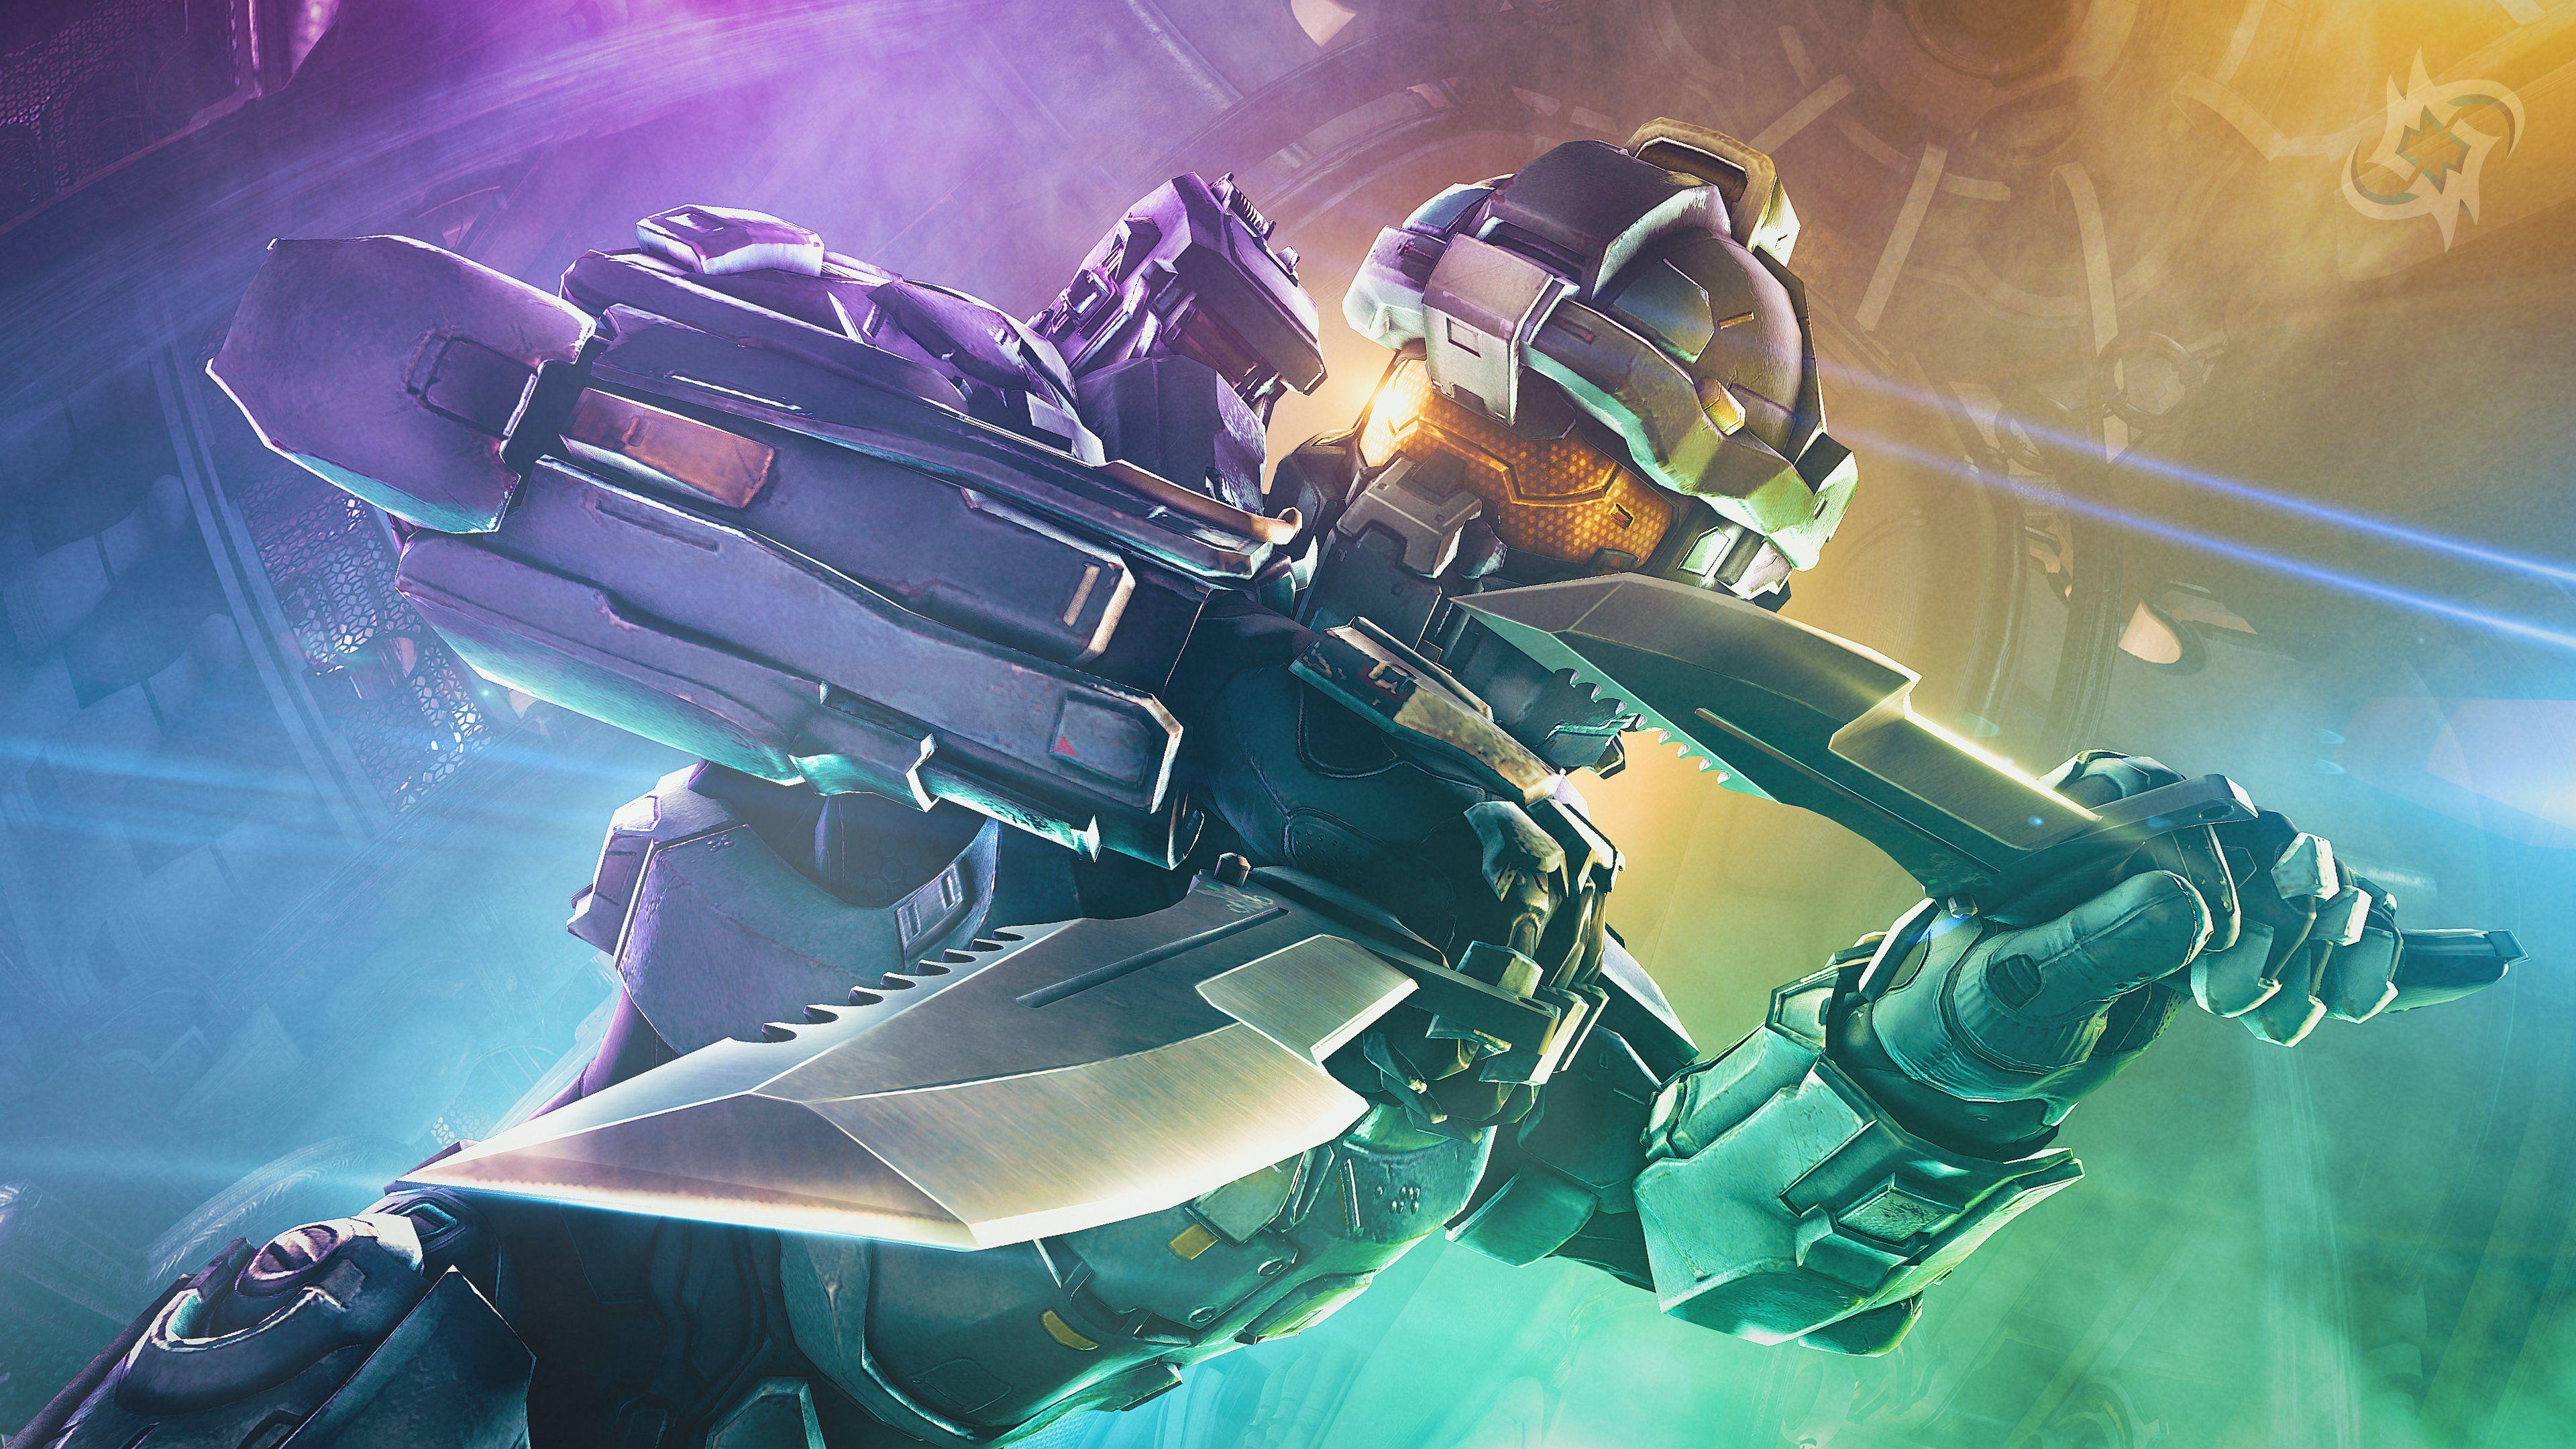 Haloinfinitewallpaper Personaje De Ficcion Halo Fondos De Pantalla Armas De Halo